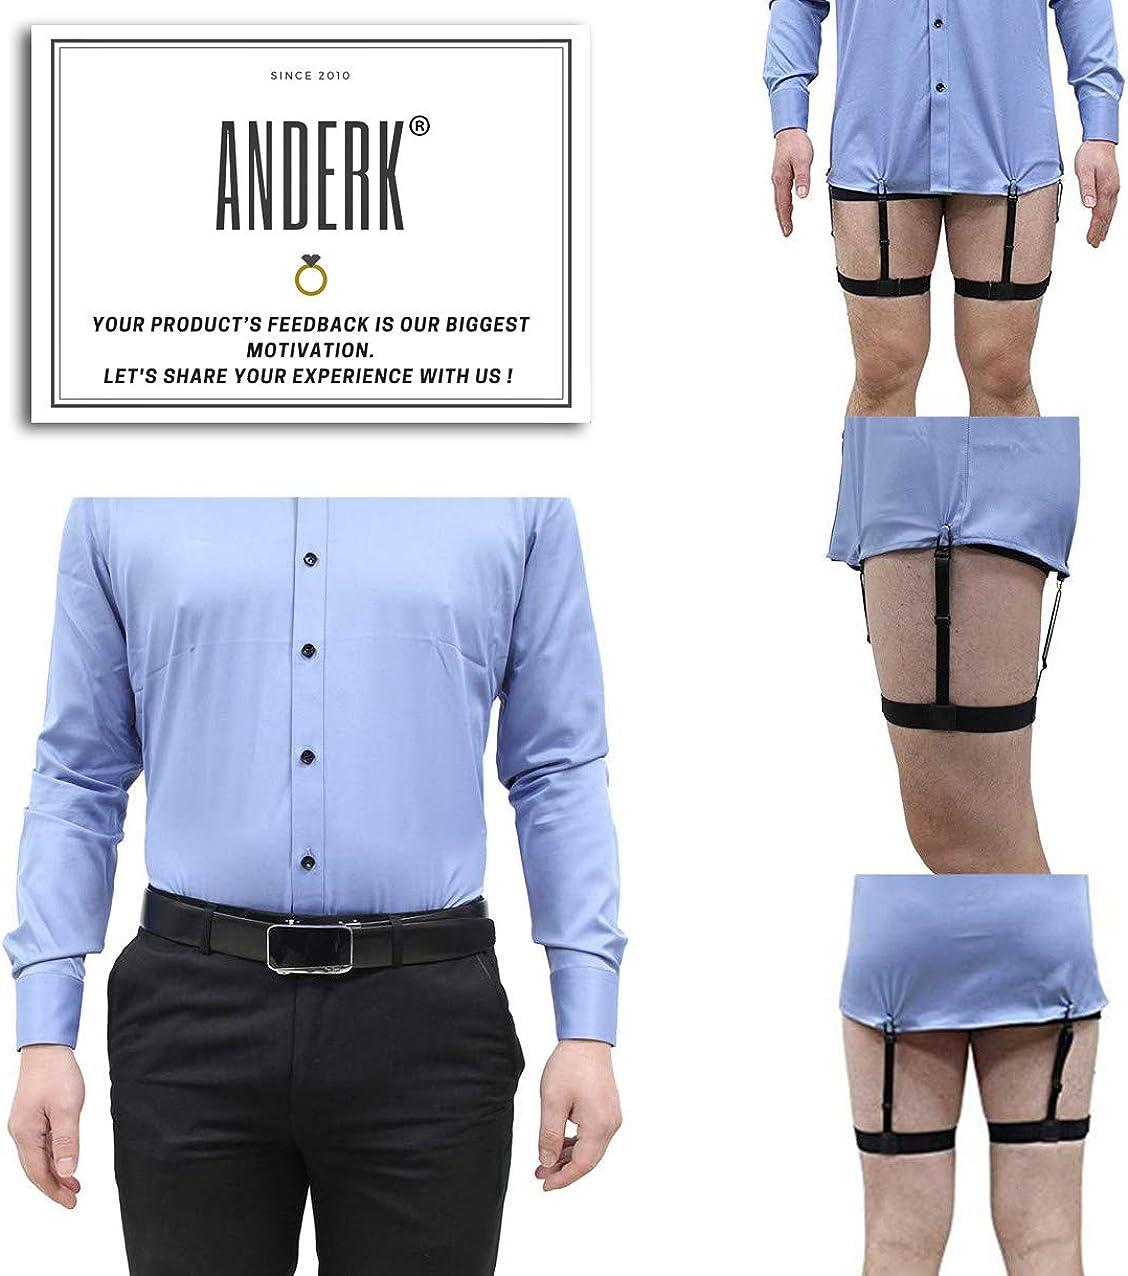 Porta camicia da uomo STAY GENT Shirt Stays 4 pezzi 2 coppie colore: Nero